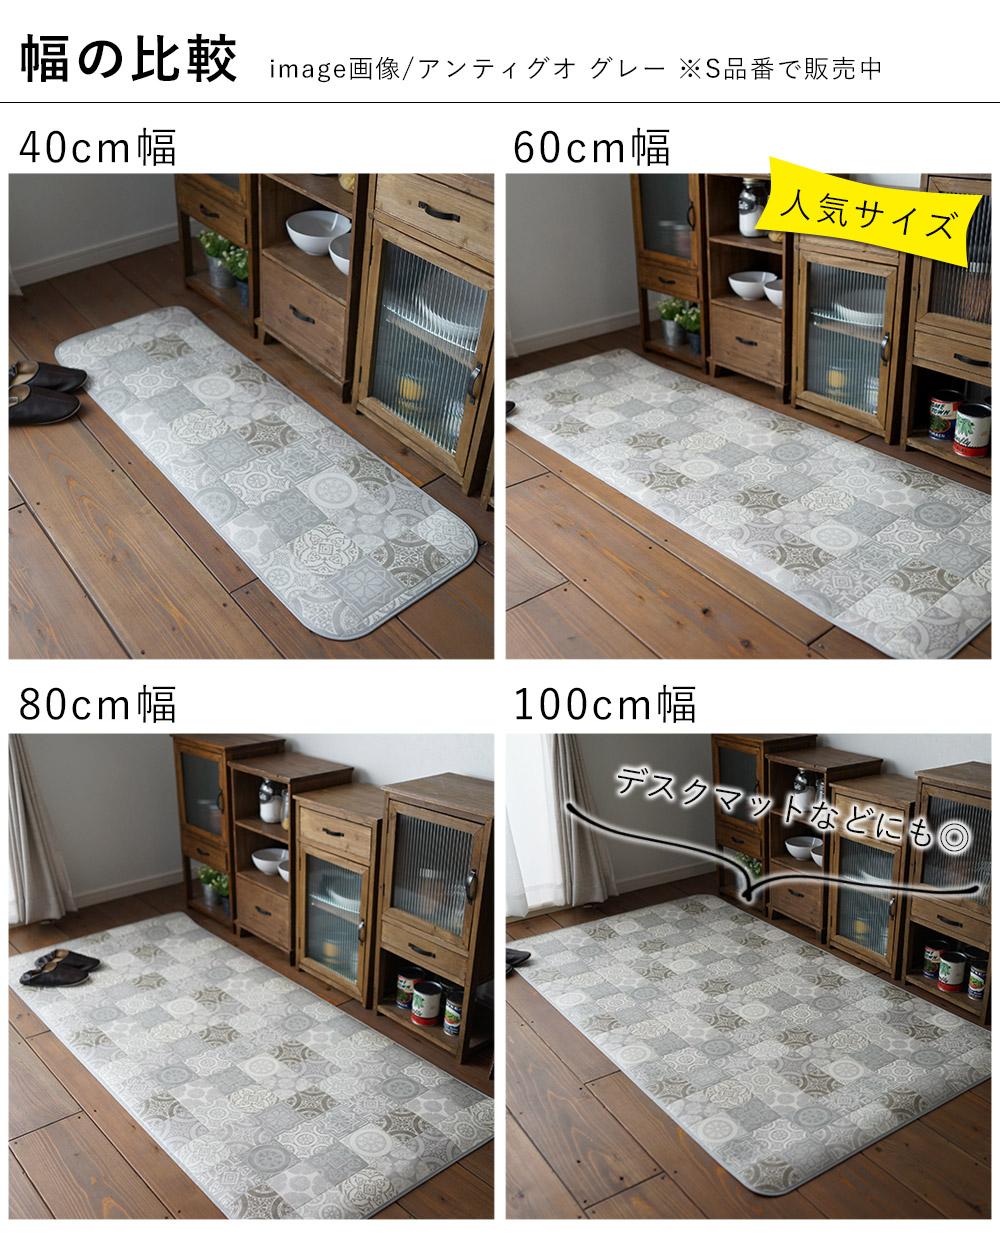 40cm、60cm、80cm、100cm幅の比較